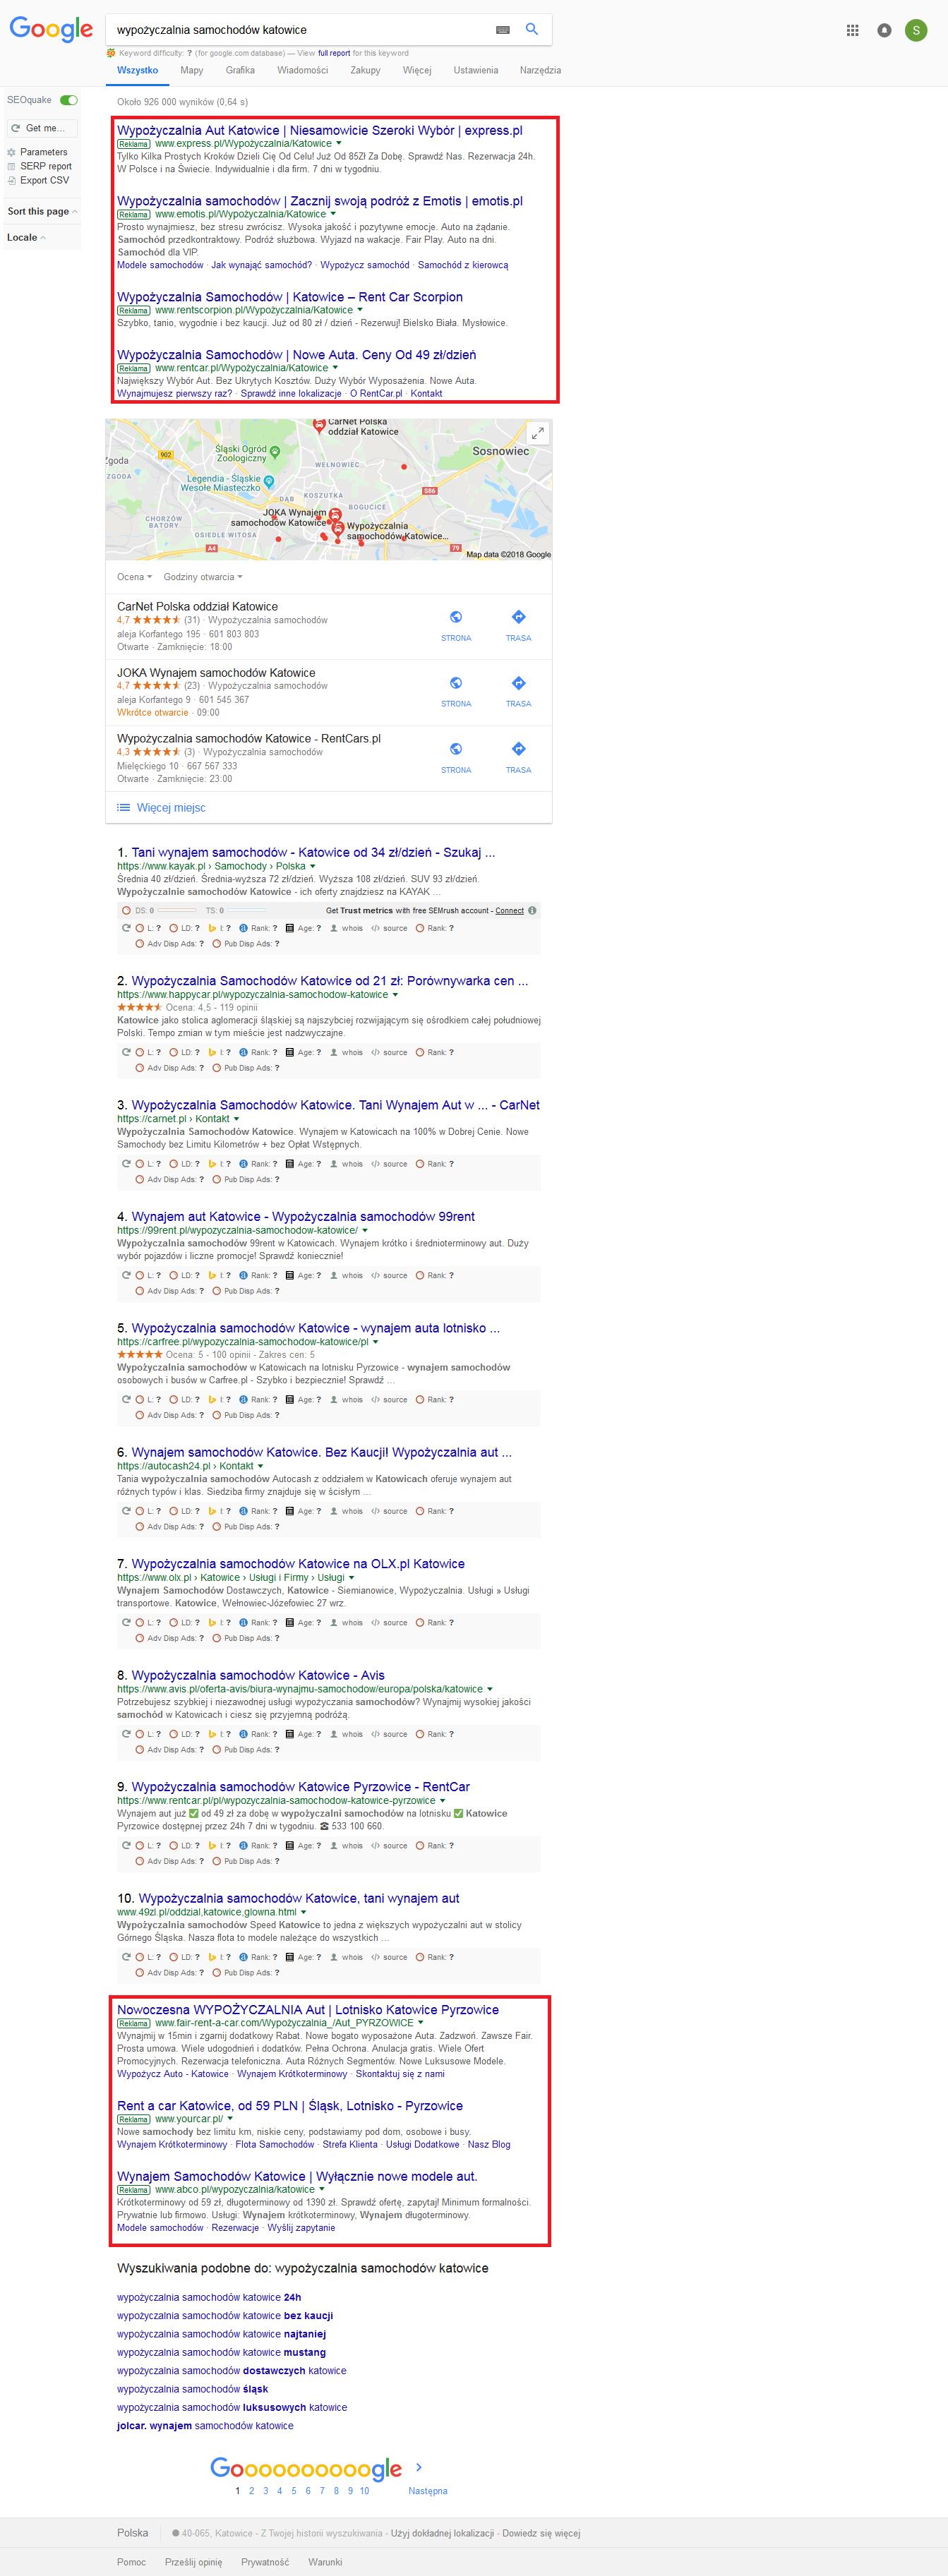 Wyświetlanie Google Ads